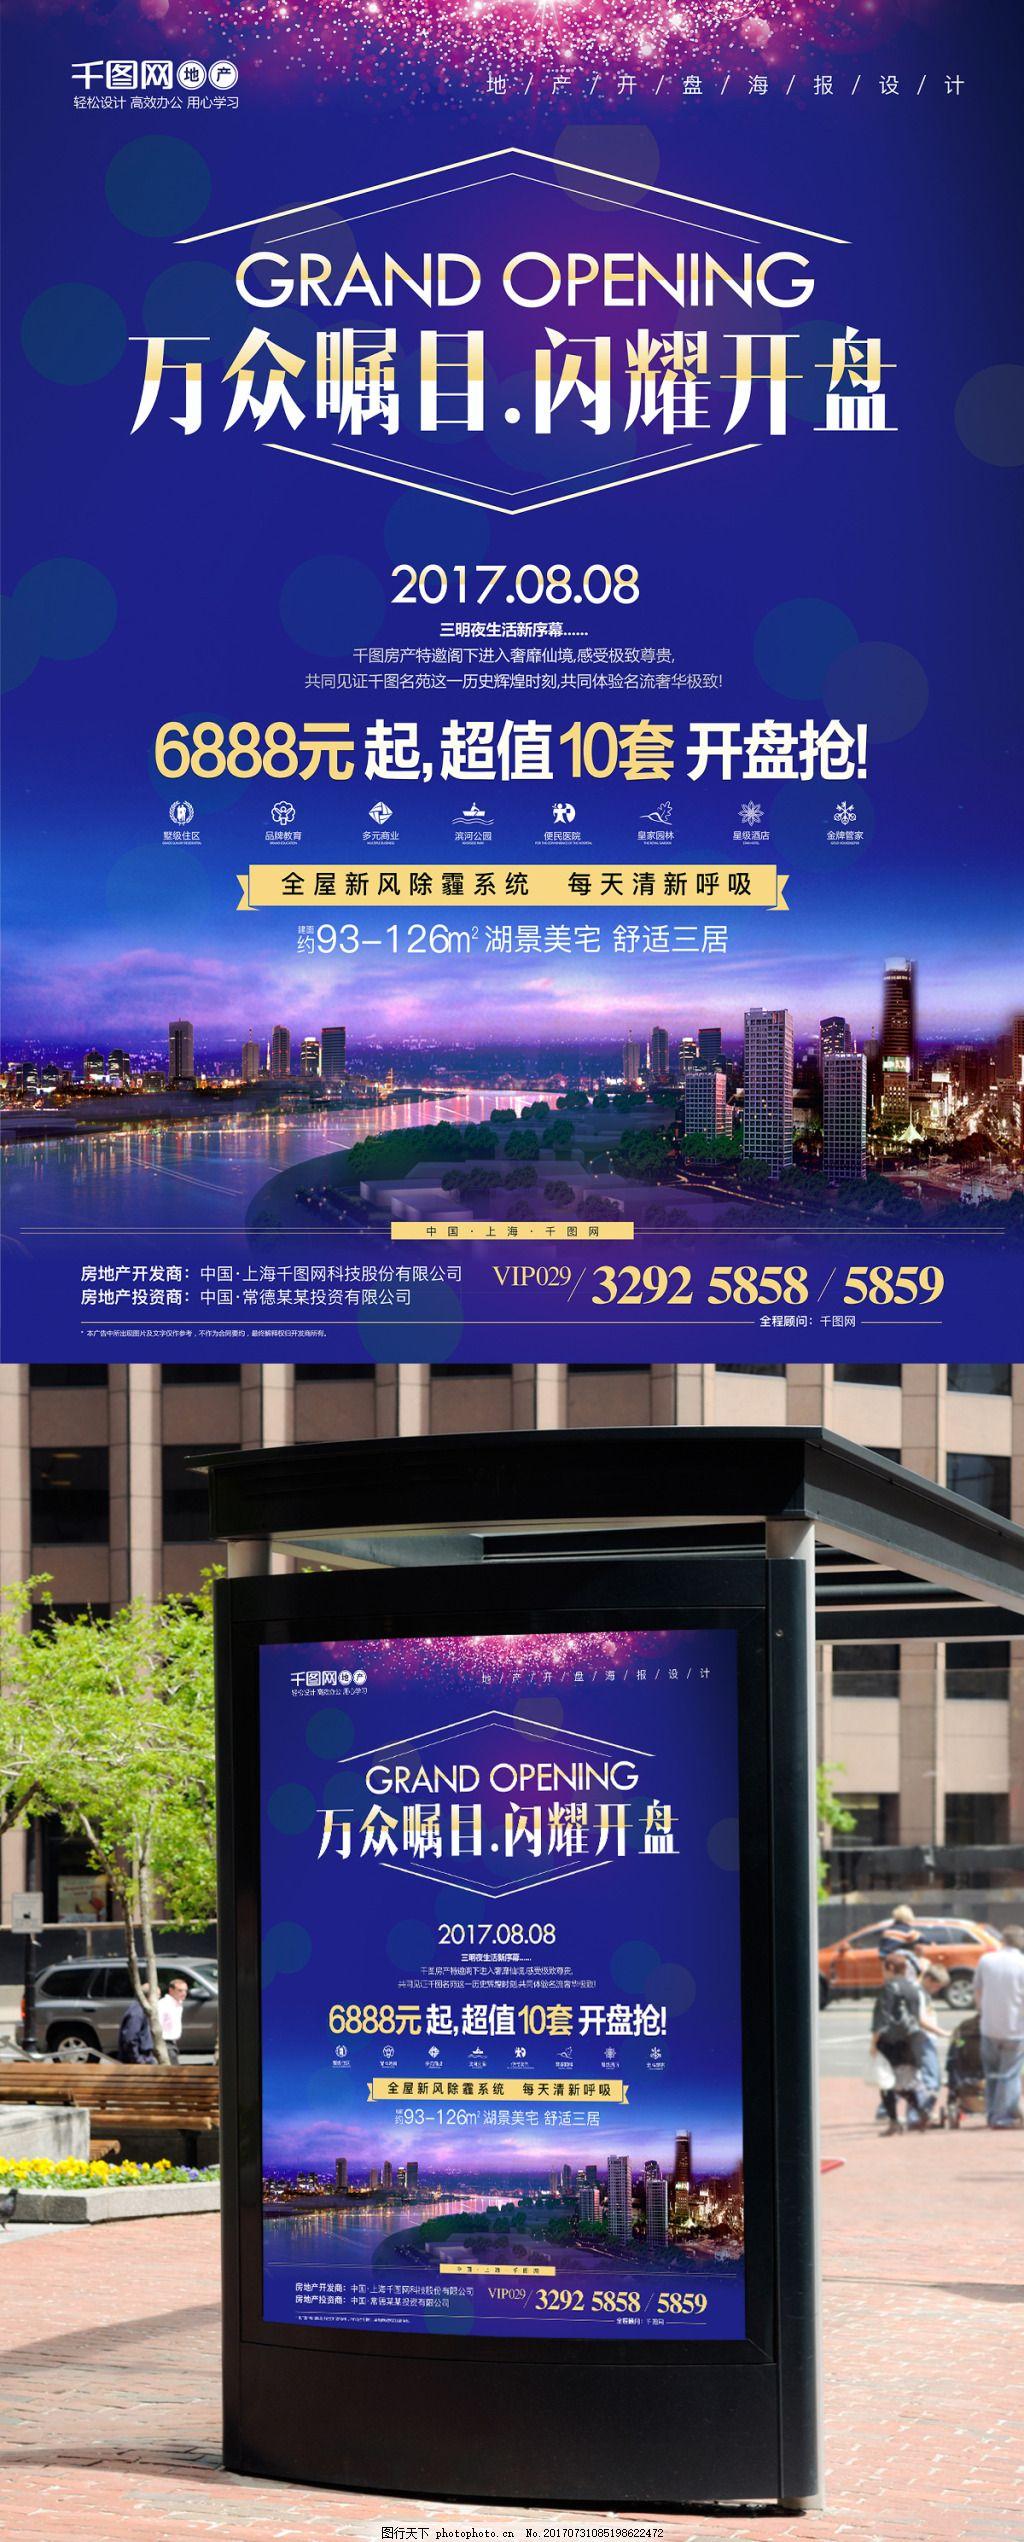 高端大气蓝色房地产闪耀开盘海报设计 开盘展板 别墅 户外 房地产别墅